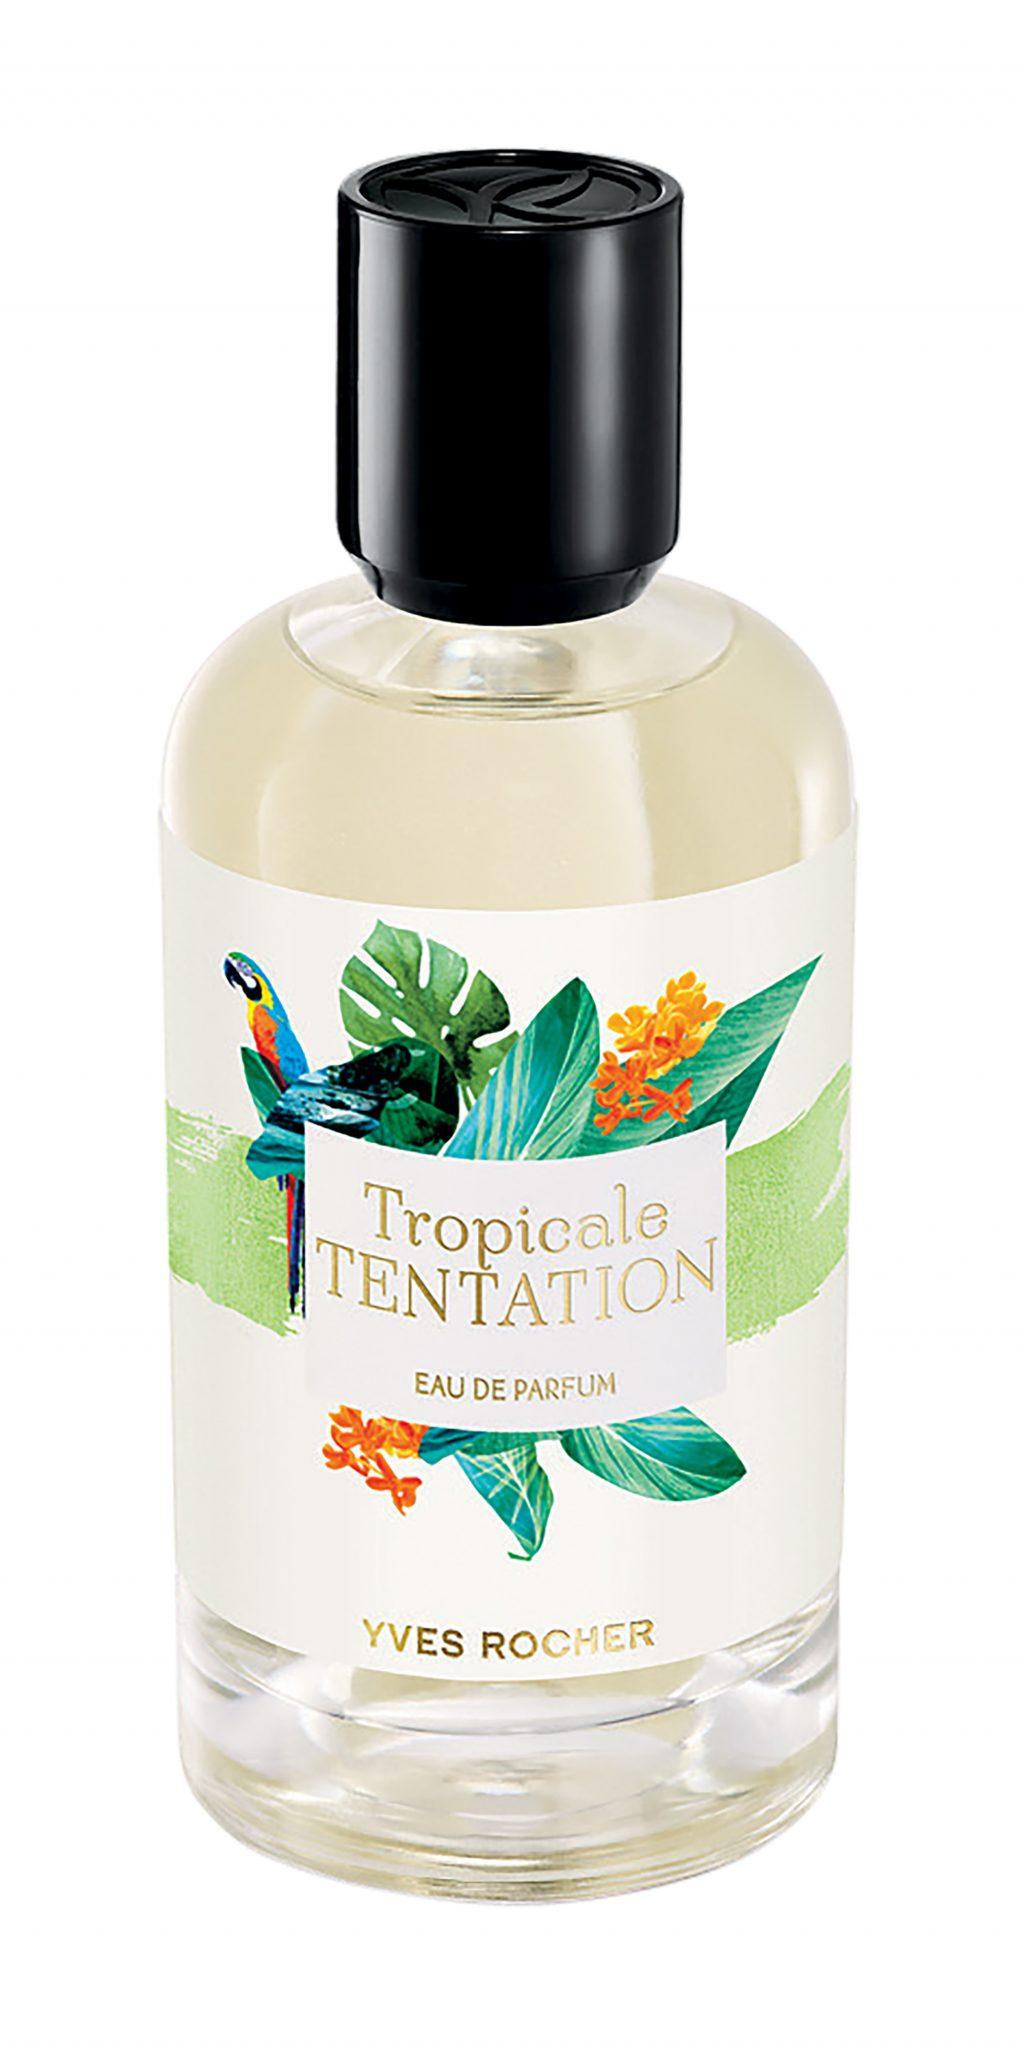 mùi hương nước hoa Tropicale Tentation